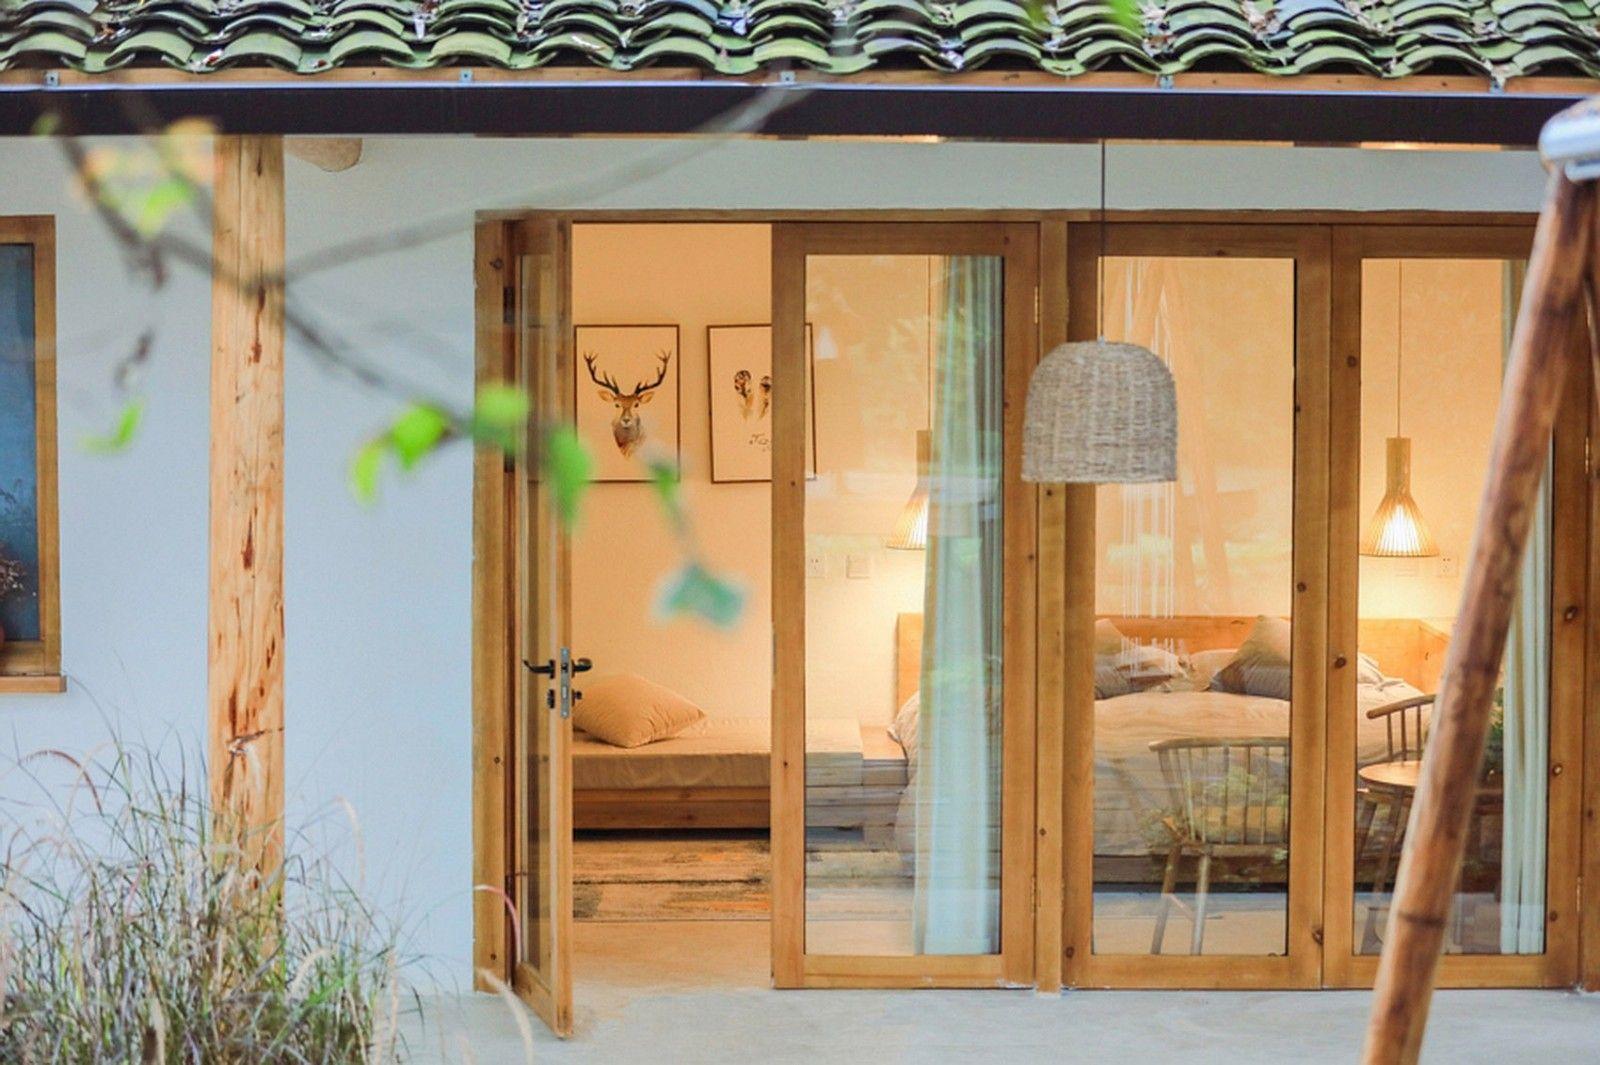 记忆里的悠悠茶香·四川-小茶院 | 使然设计|使然设计 - 15